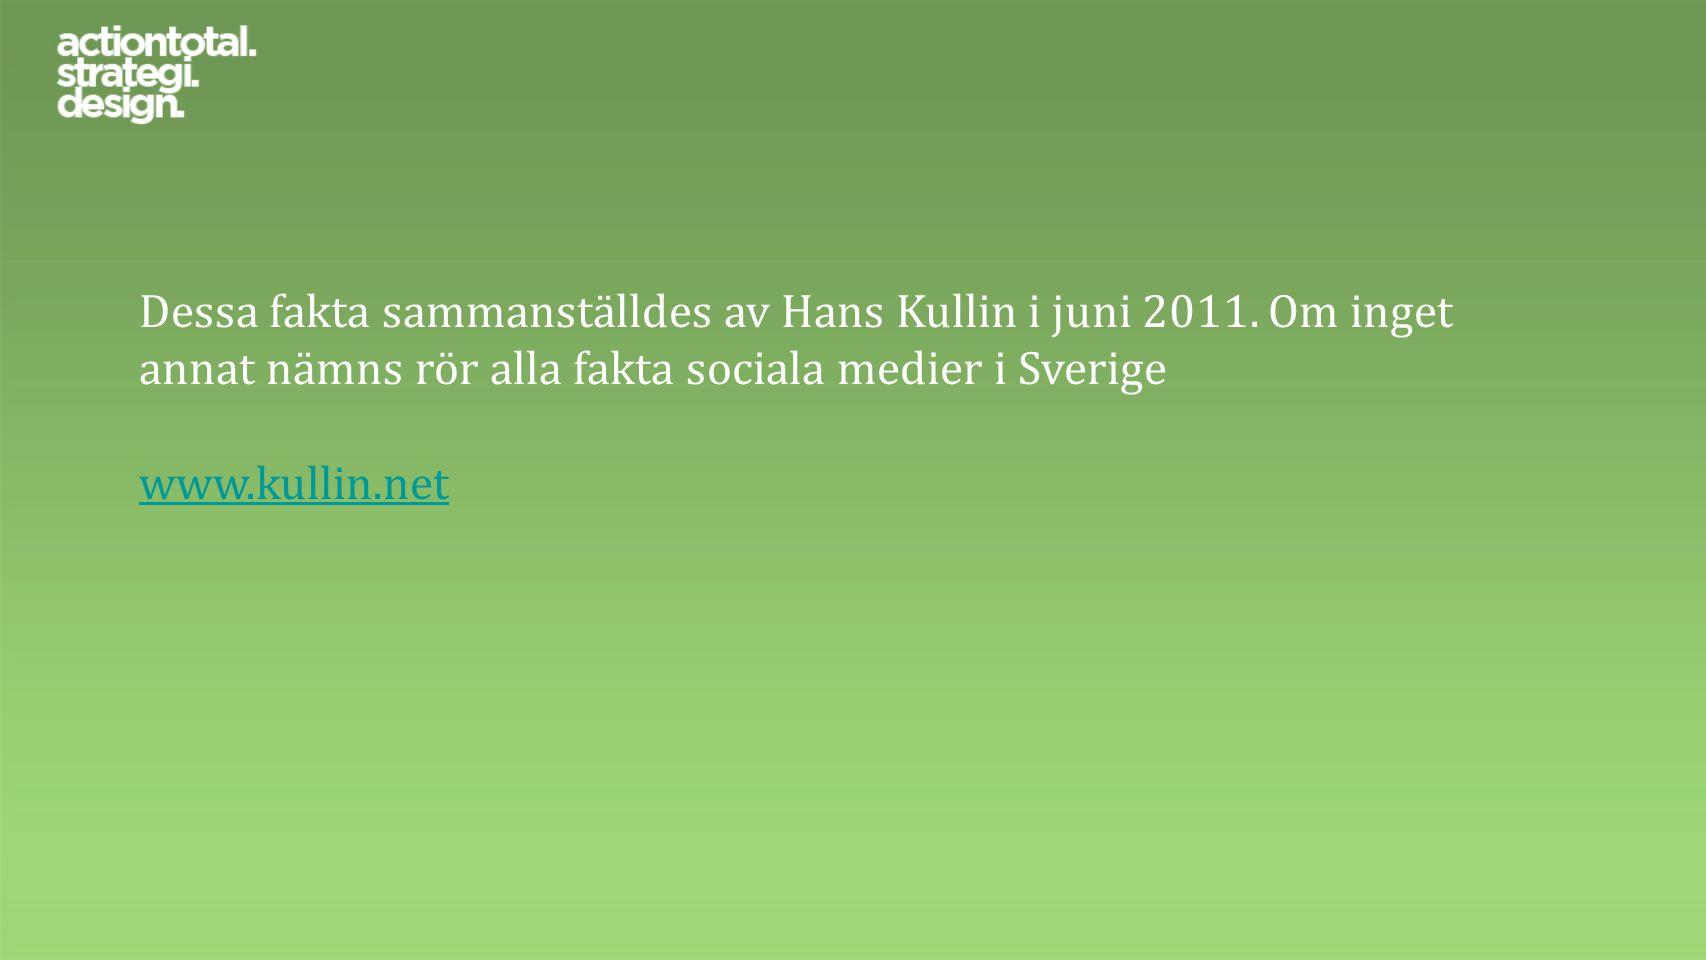 Dessa fakta sammanställdes av Hans Kullin i juni 2011. Om inget annat nämns rör alla fakta sociala medier i Sverige www.kullin.net